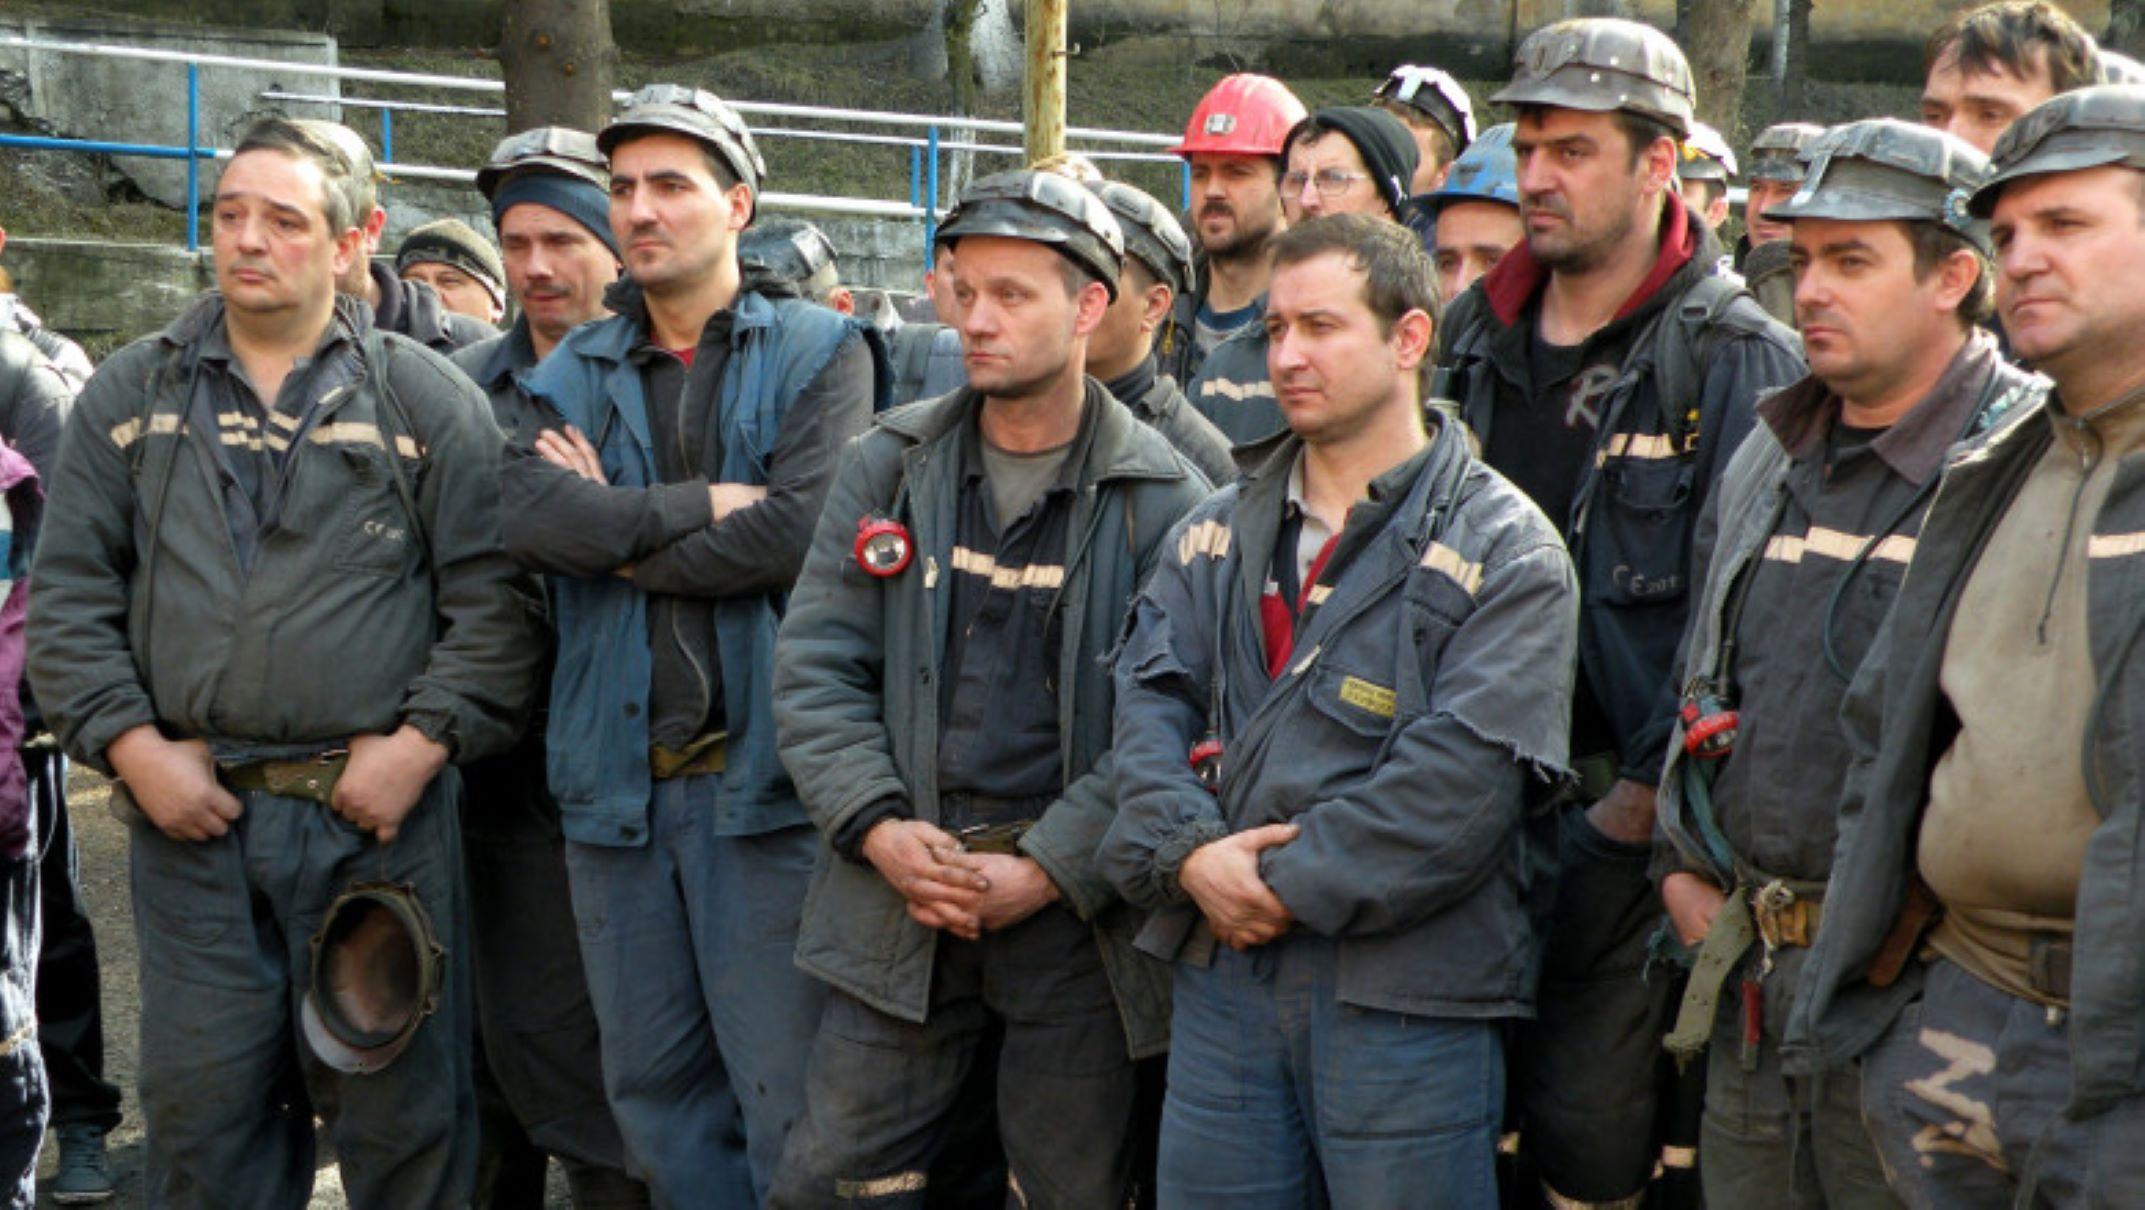 Ρουμανία: Συνεχίζουν τις κινητοποιήσεις τους οι ανθρακωρύχοι